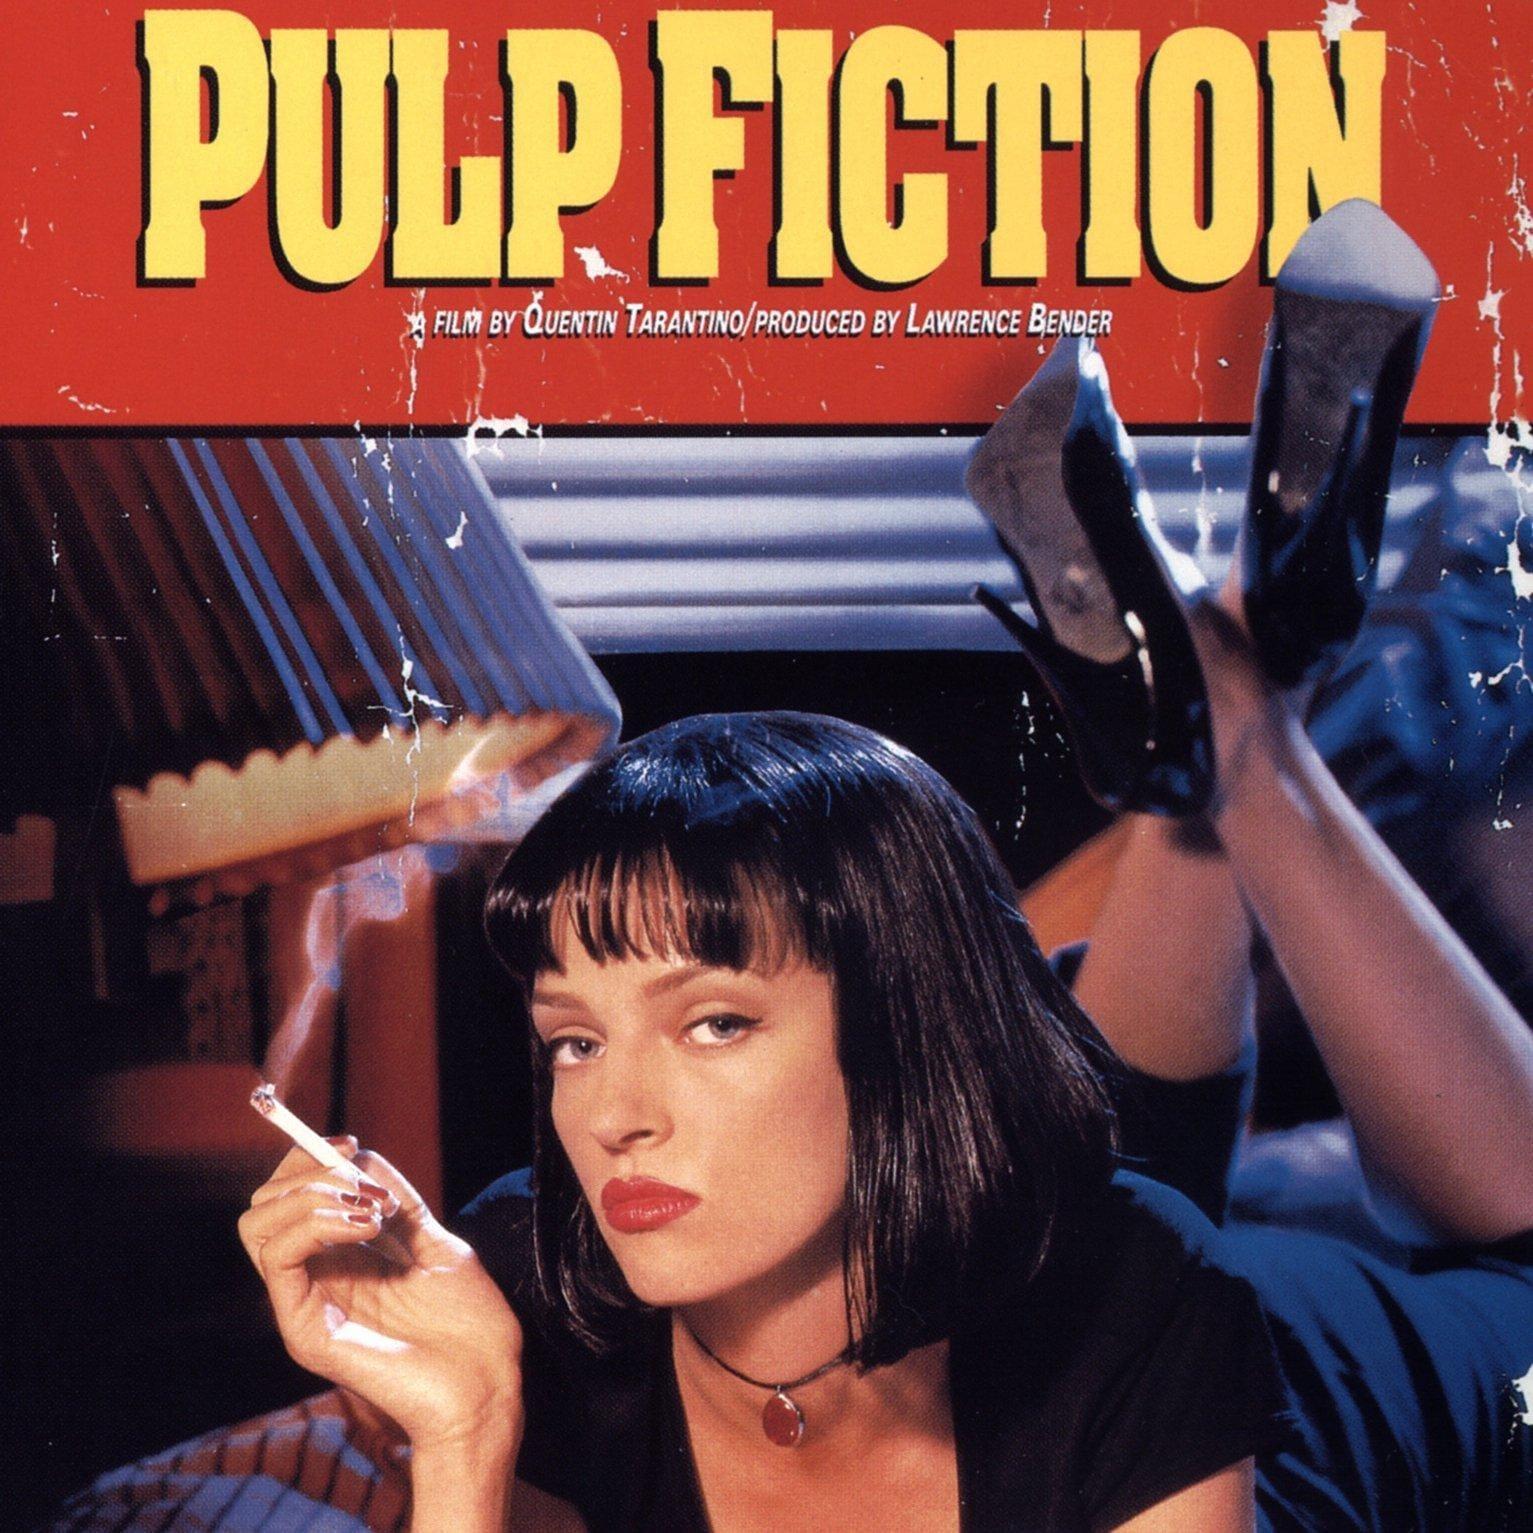 Pulpfiction